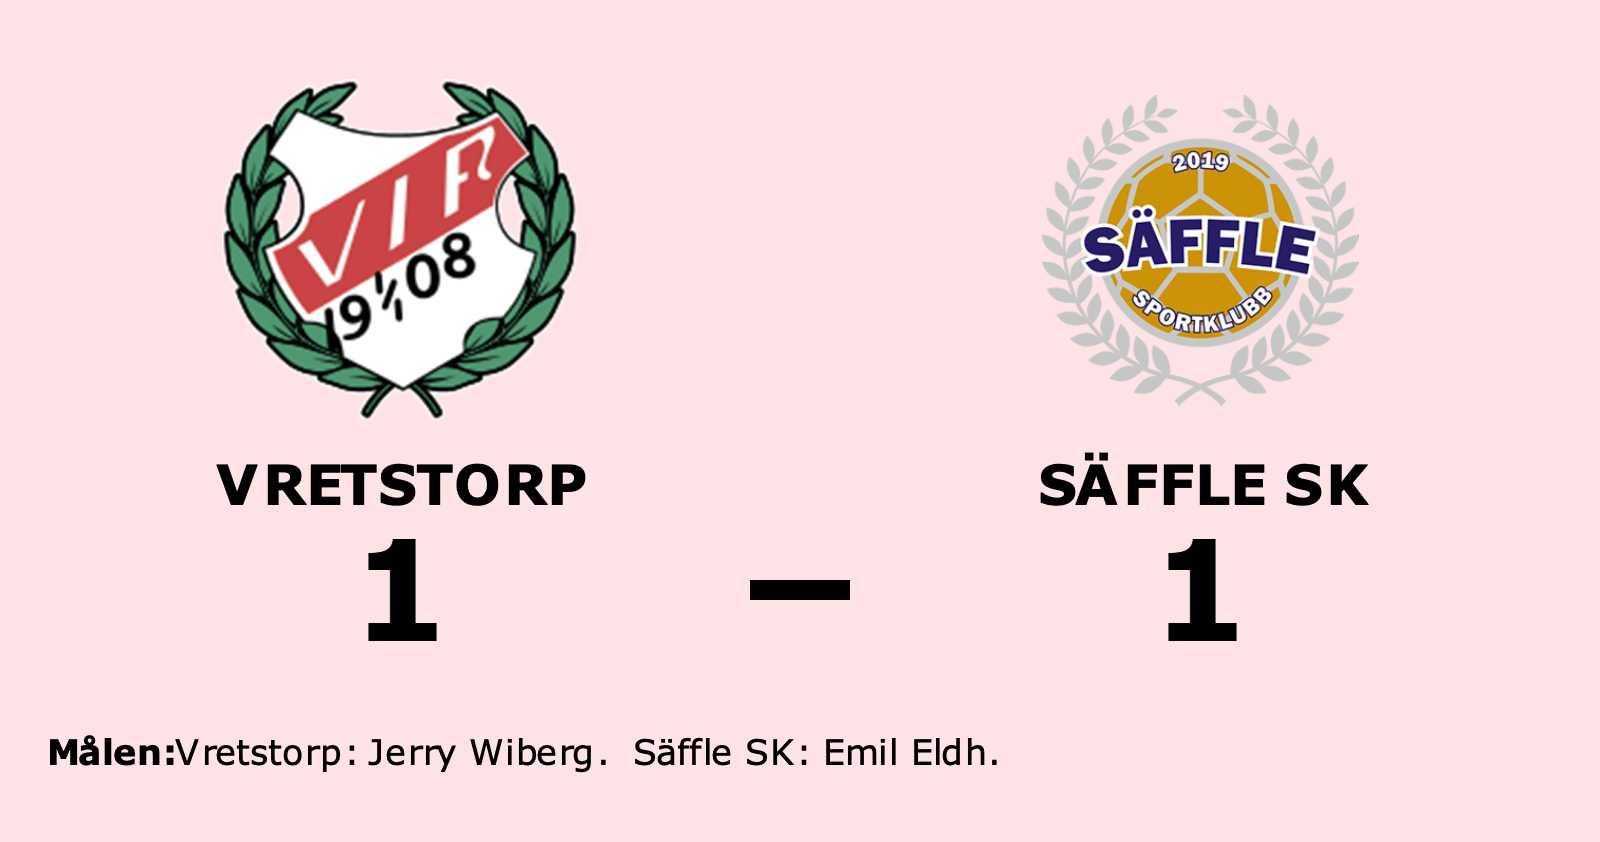 Vretstorp och Säffle SK delade på poängen